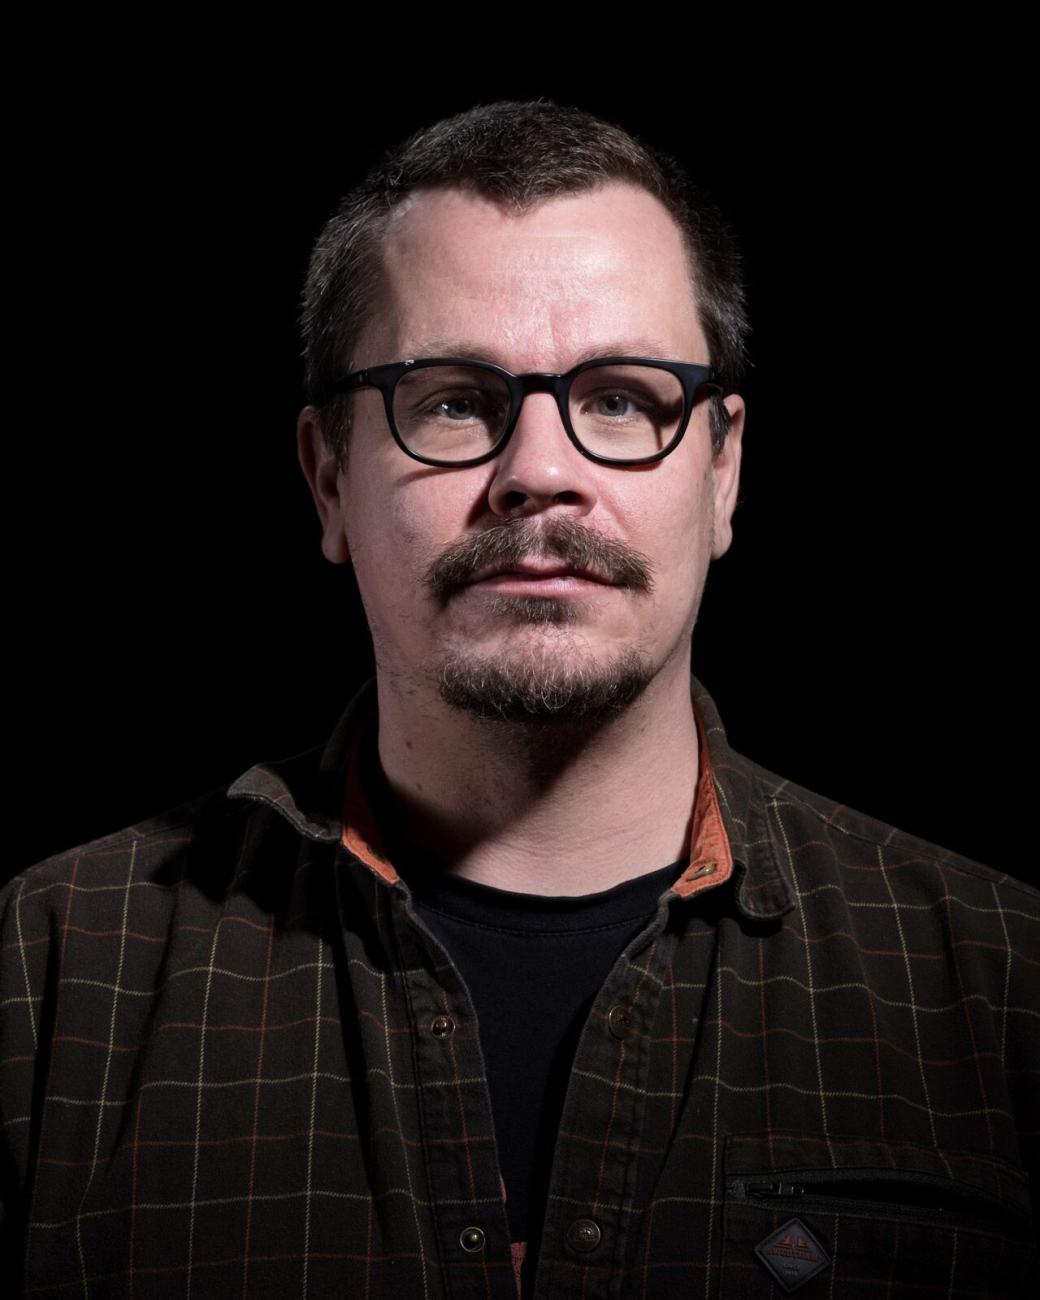 Juha Penttinen_01_photo_by_JP_Manninen.jpg